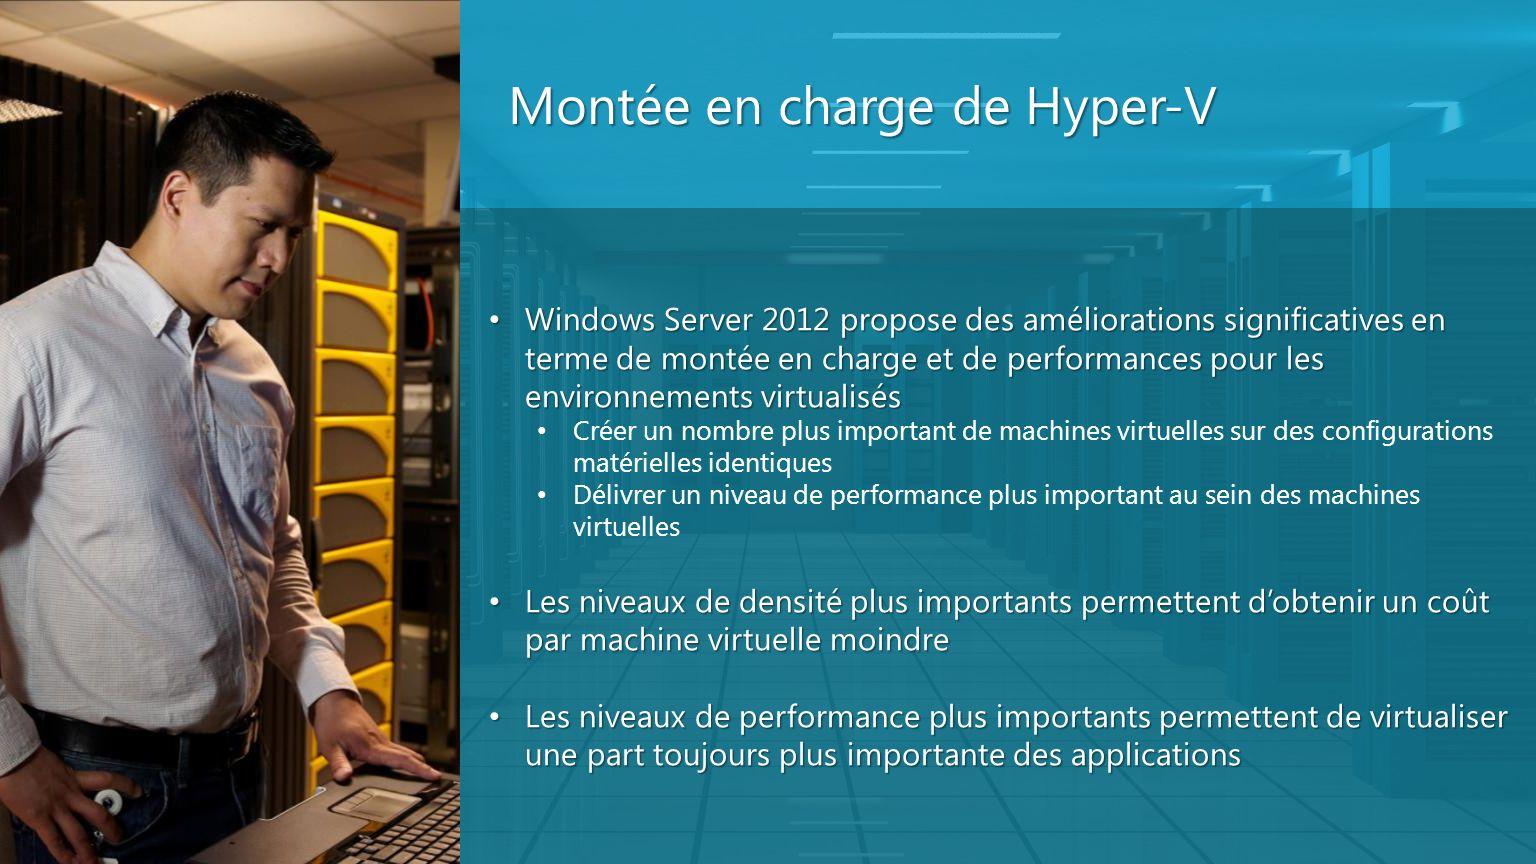 Montée en charge de Hyper-V Windows Server 2012 propose des améliorations significatives en terme de montée en charge et de performances pour les envi